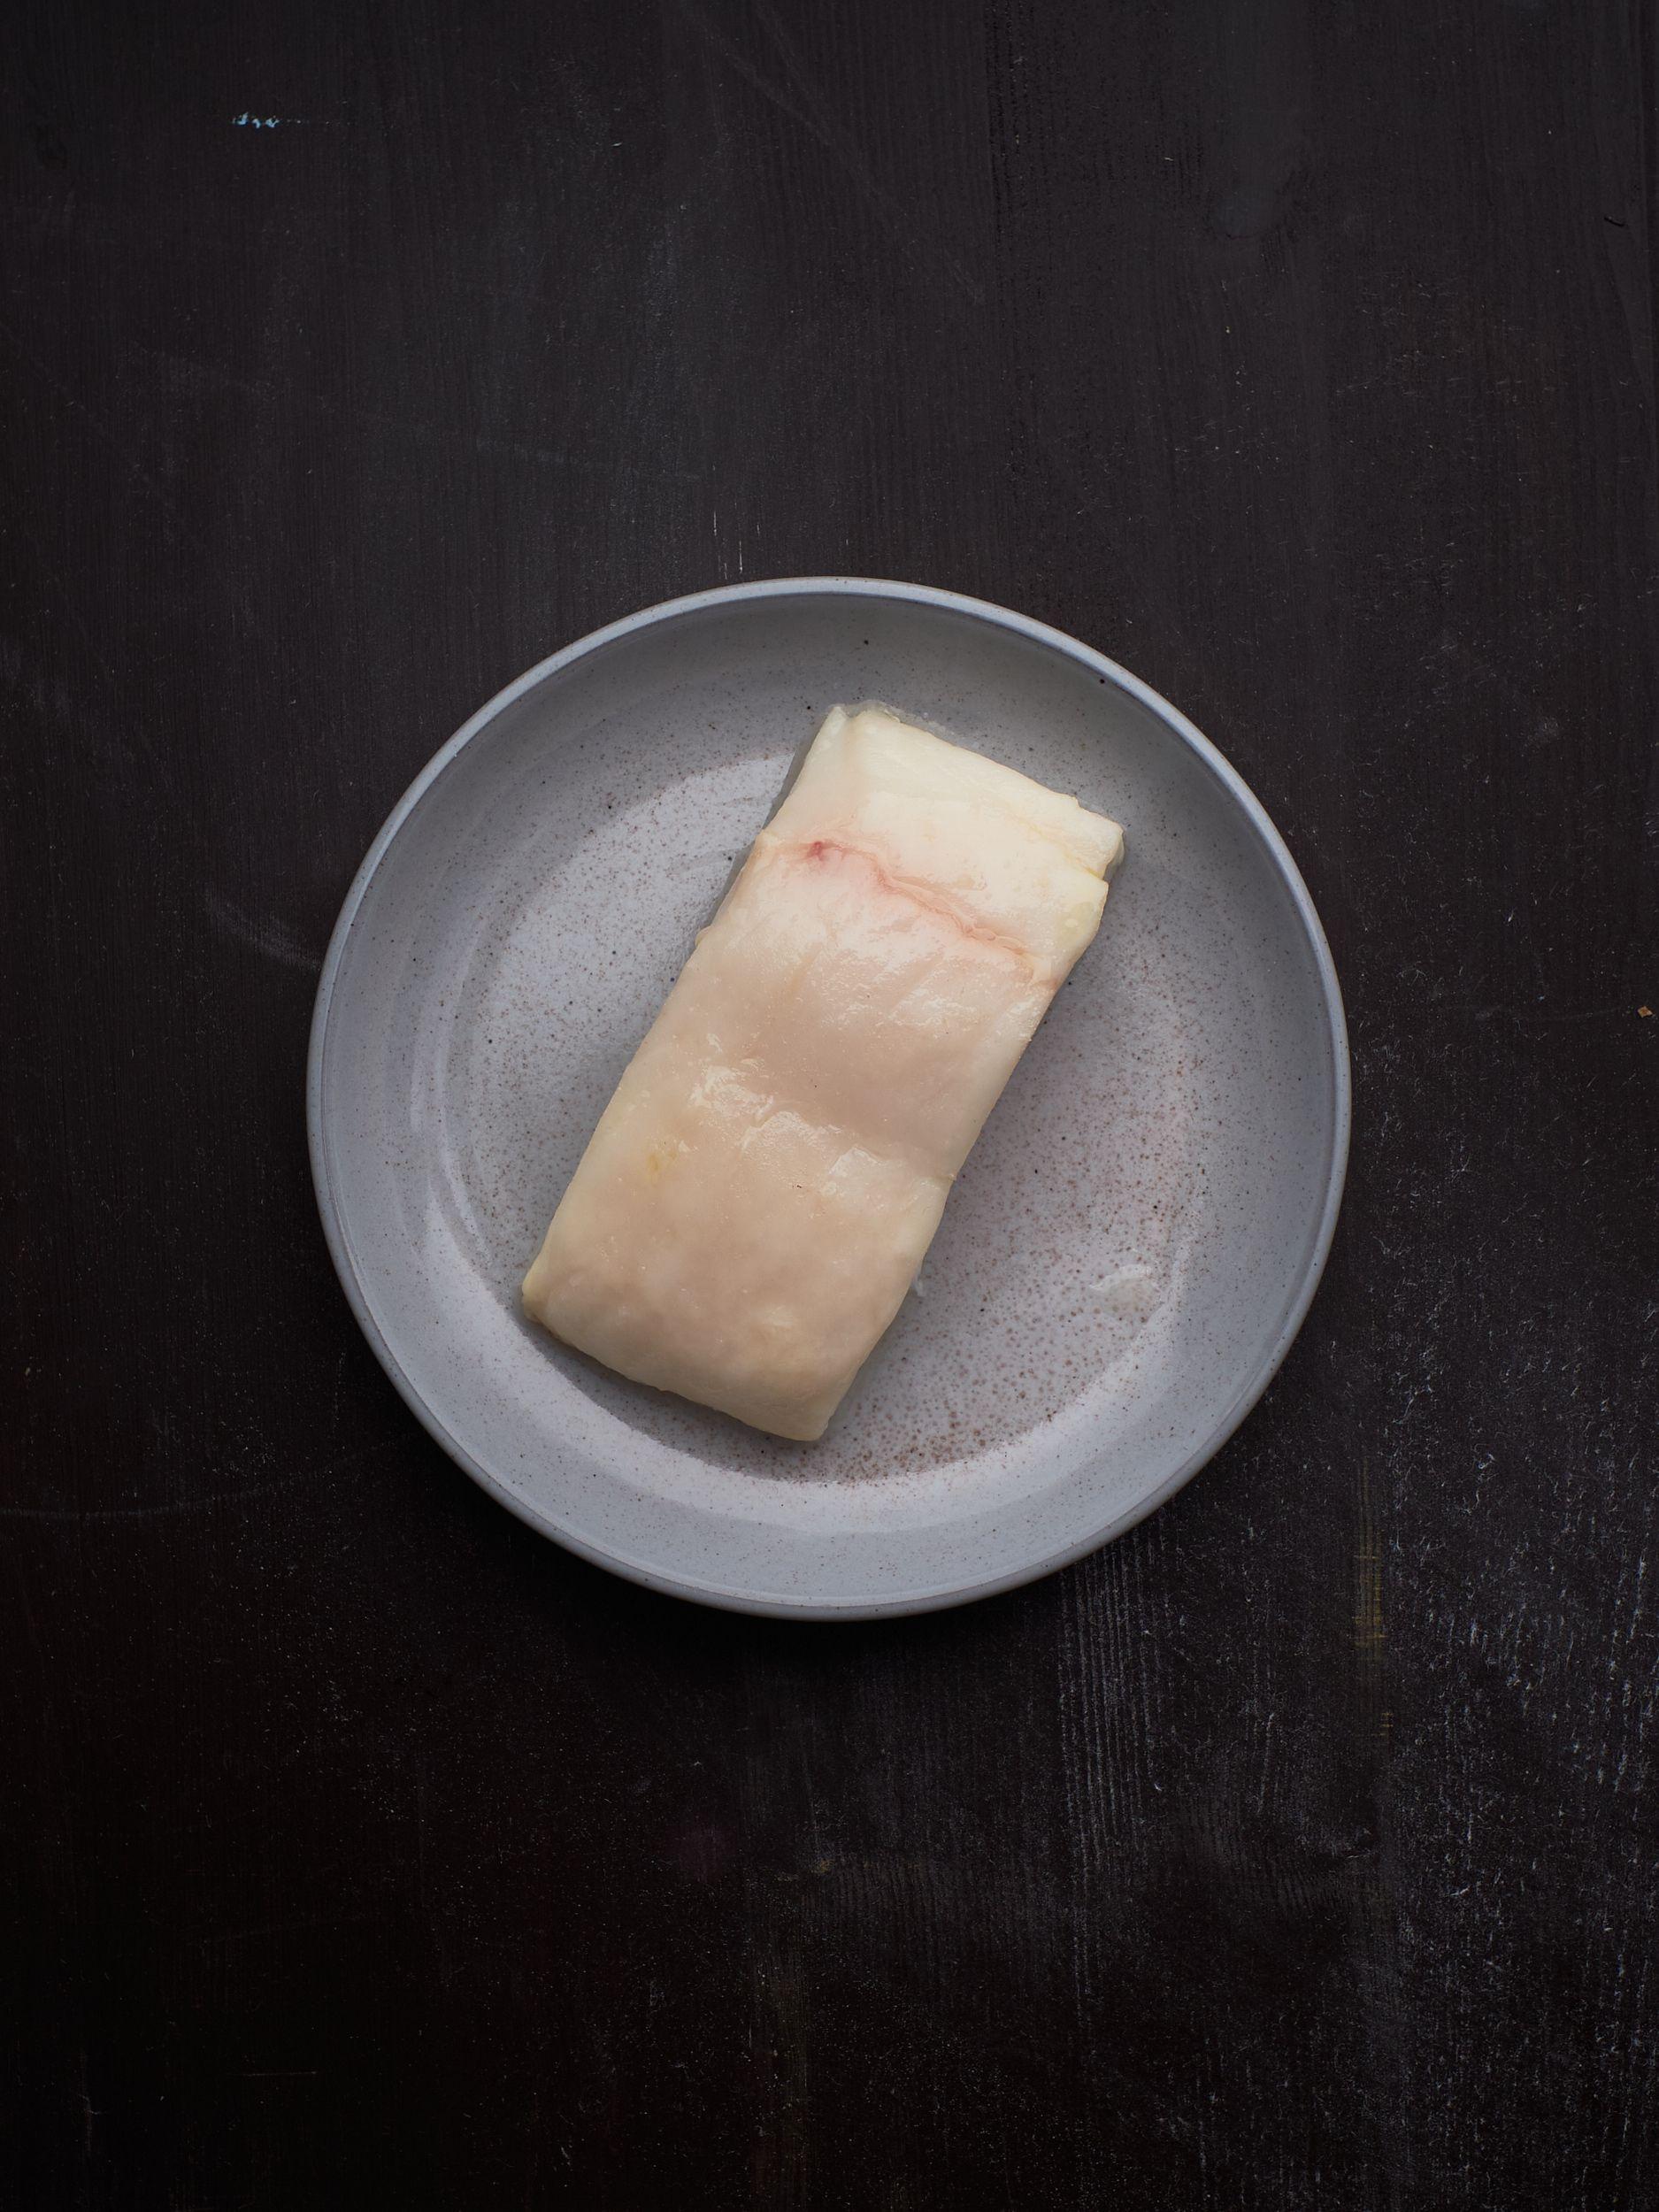 Kveite bakt på lav temperatur